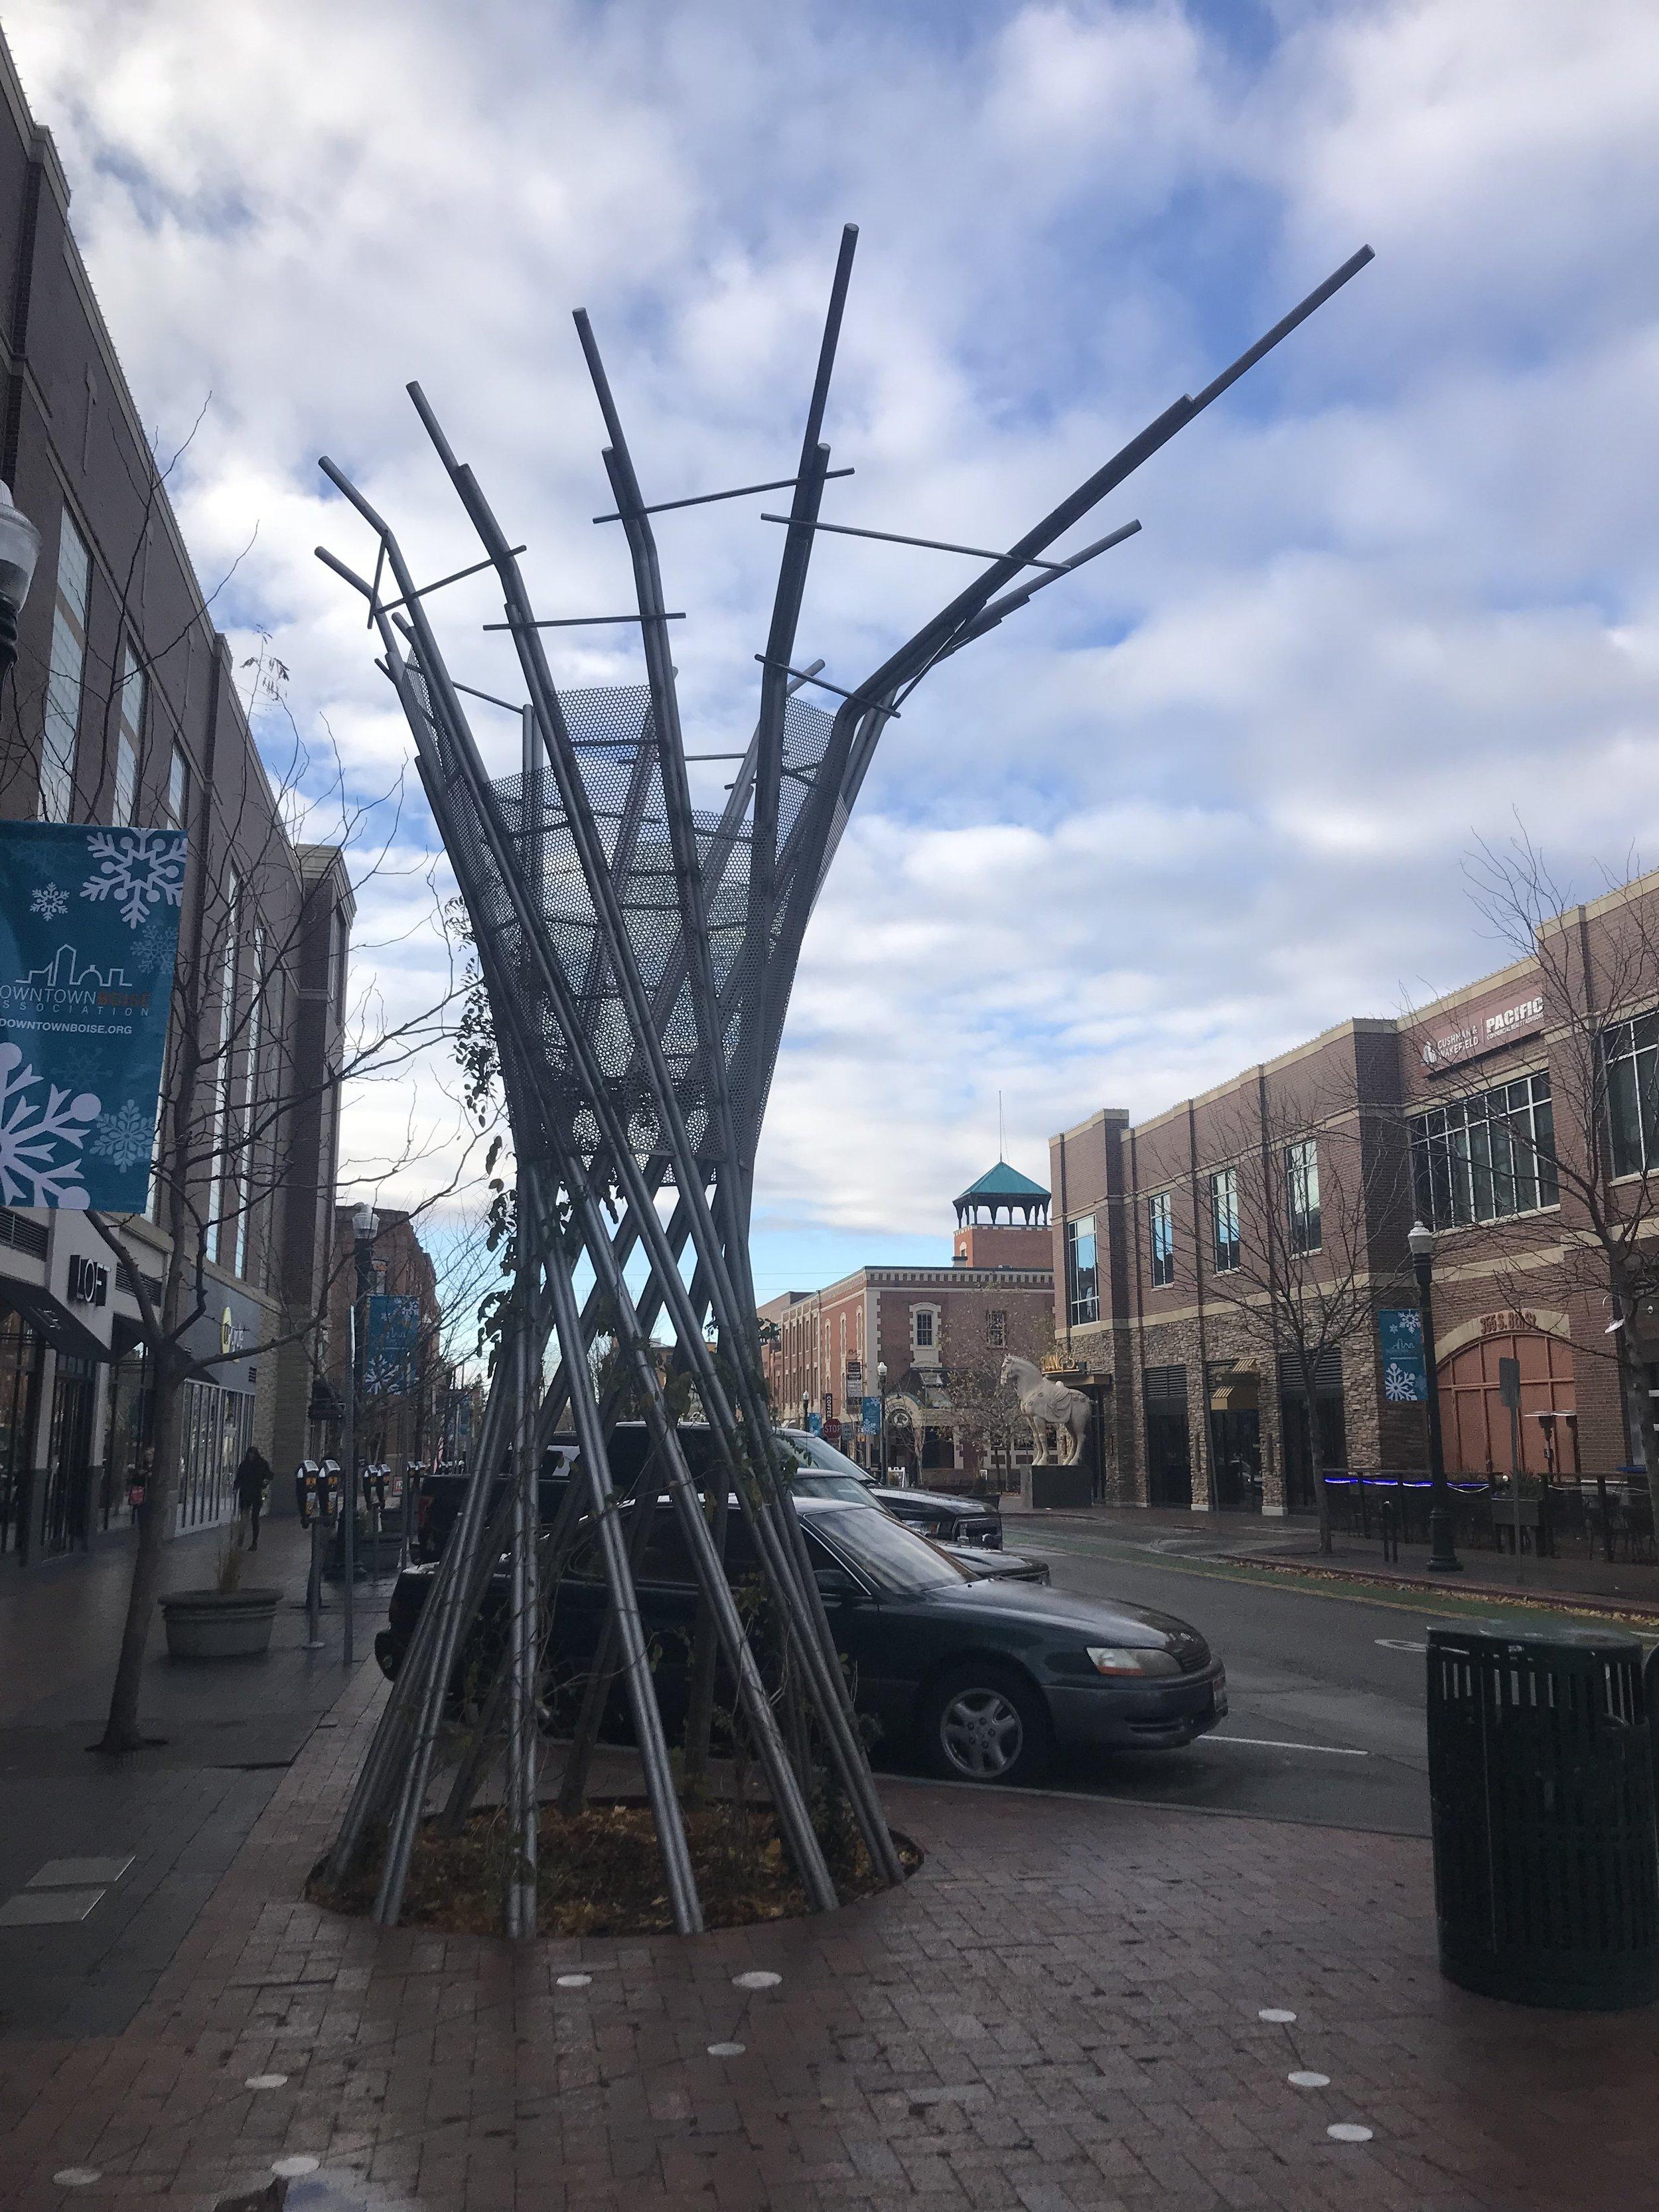 Downtown Boise Urban Exploration